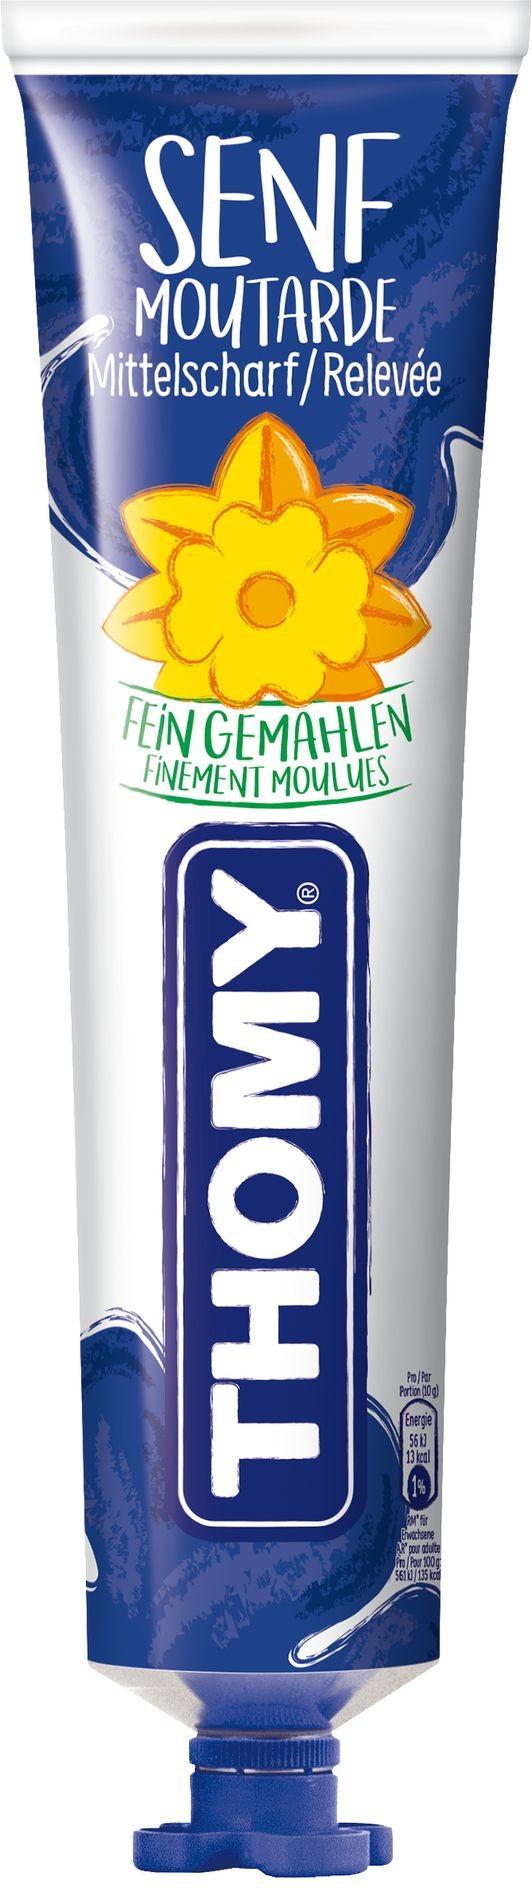 Thomy - Mustard Delikatess Senf Mittelscharf (200 g)